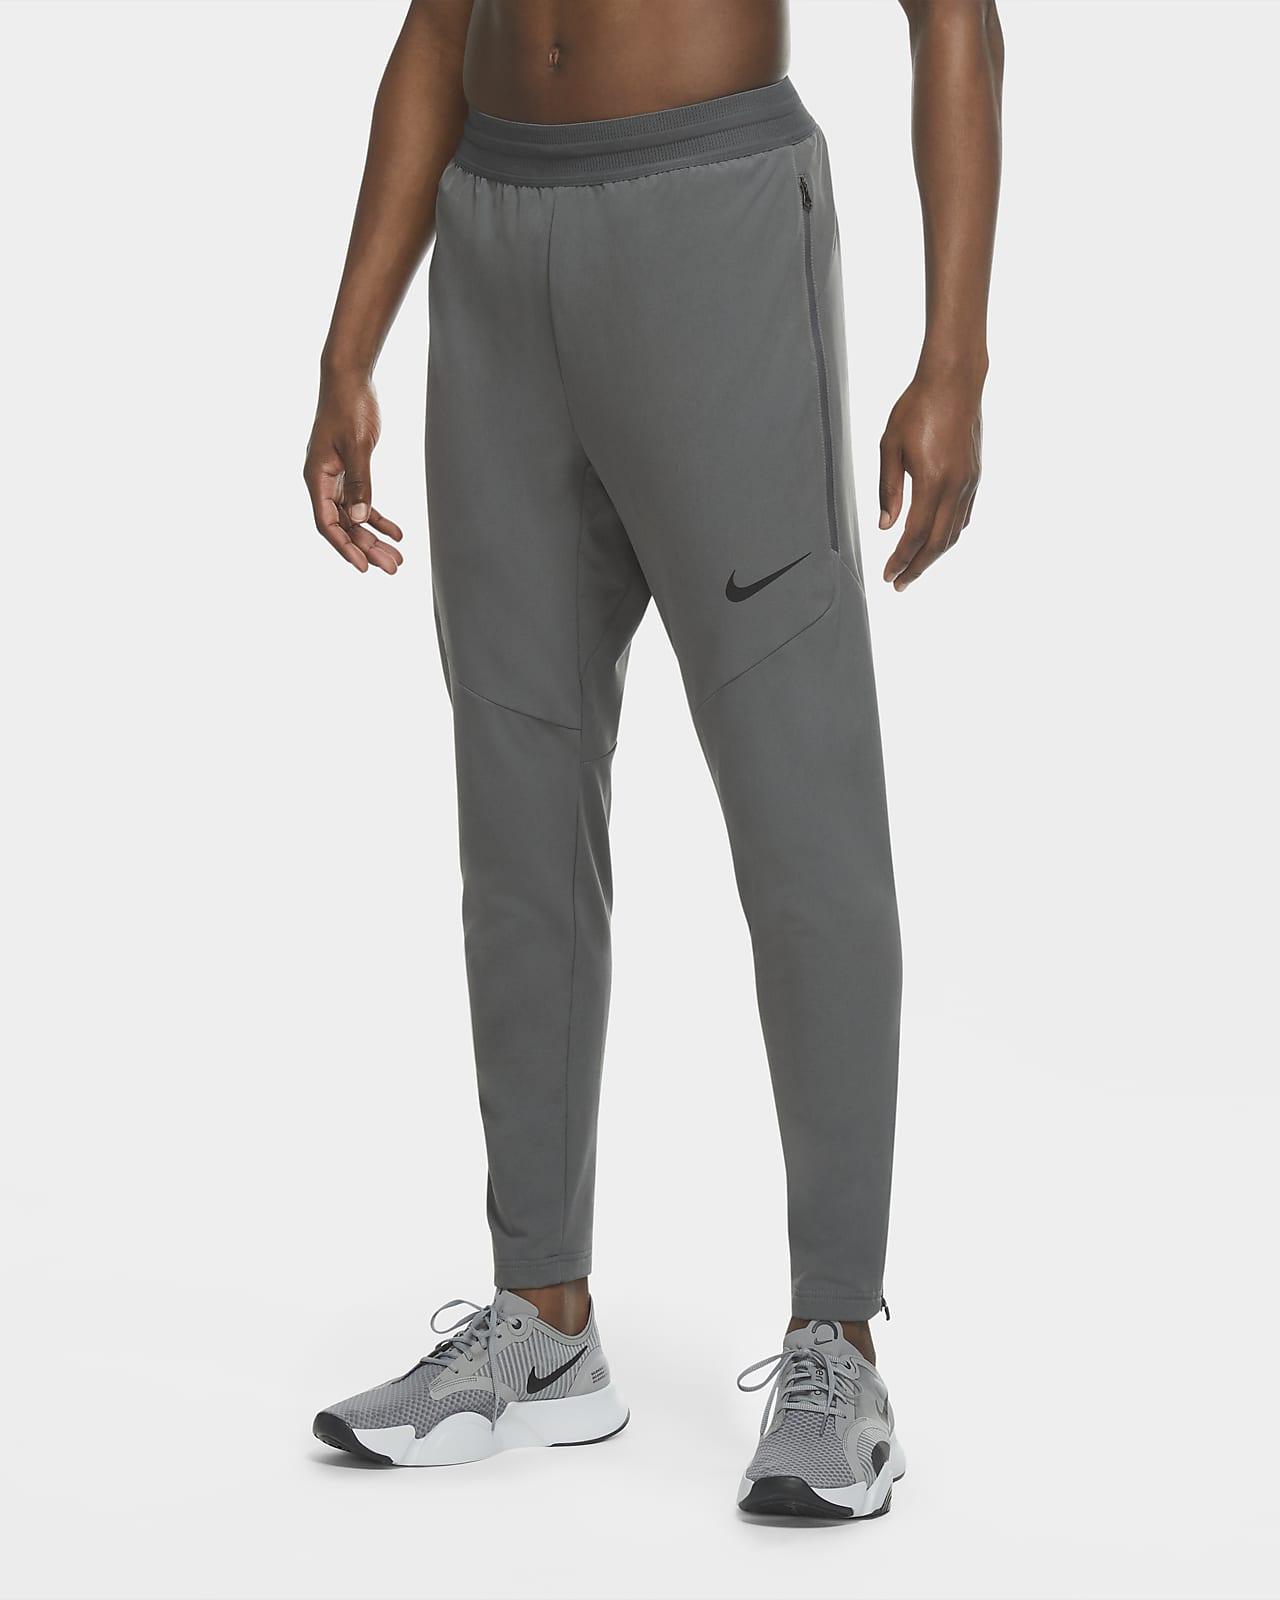 Vävda vinterträningsbyxor Nike för män